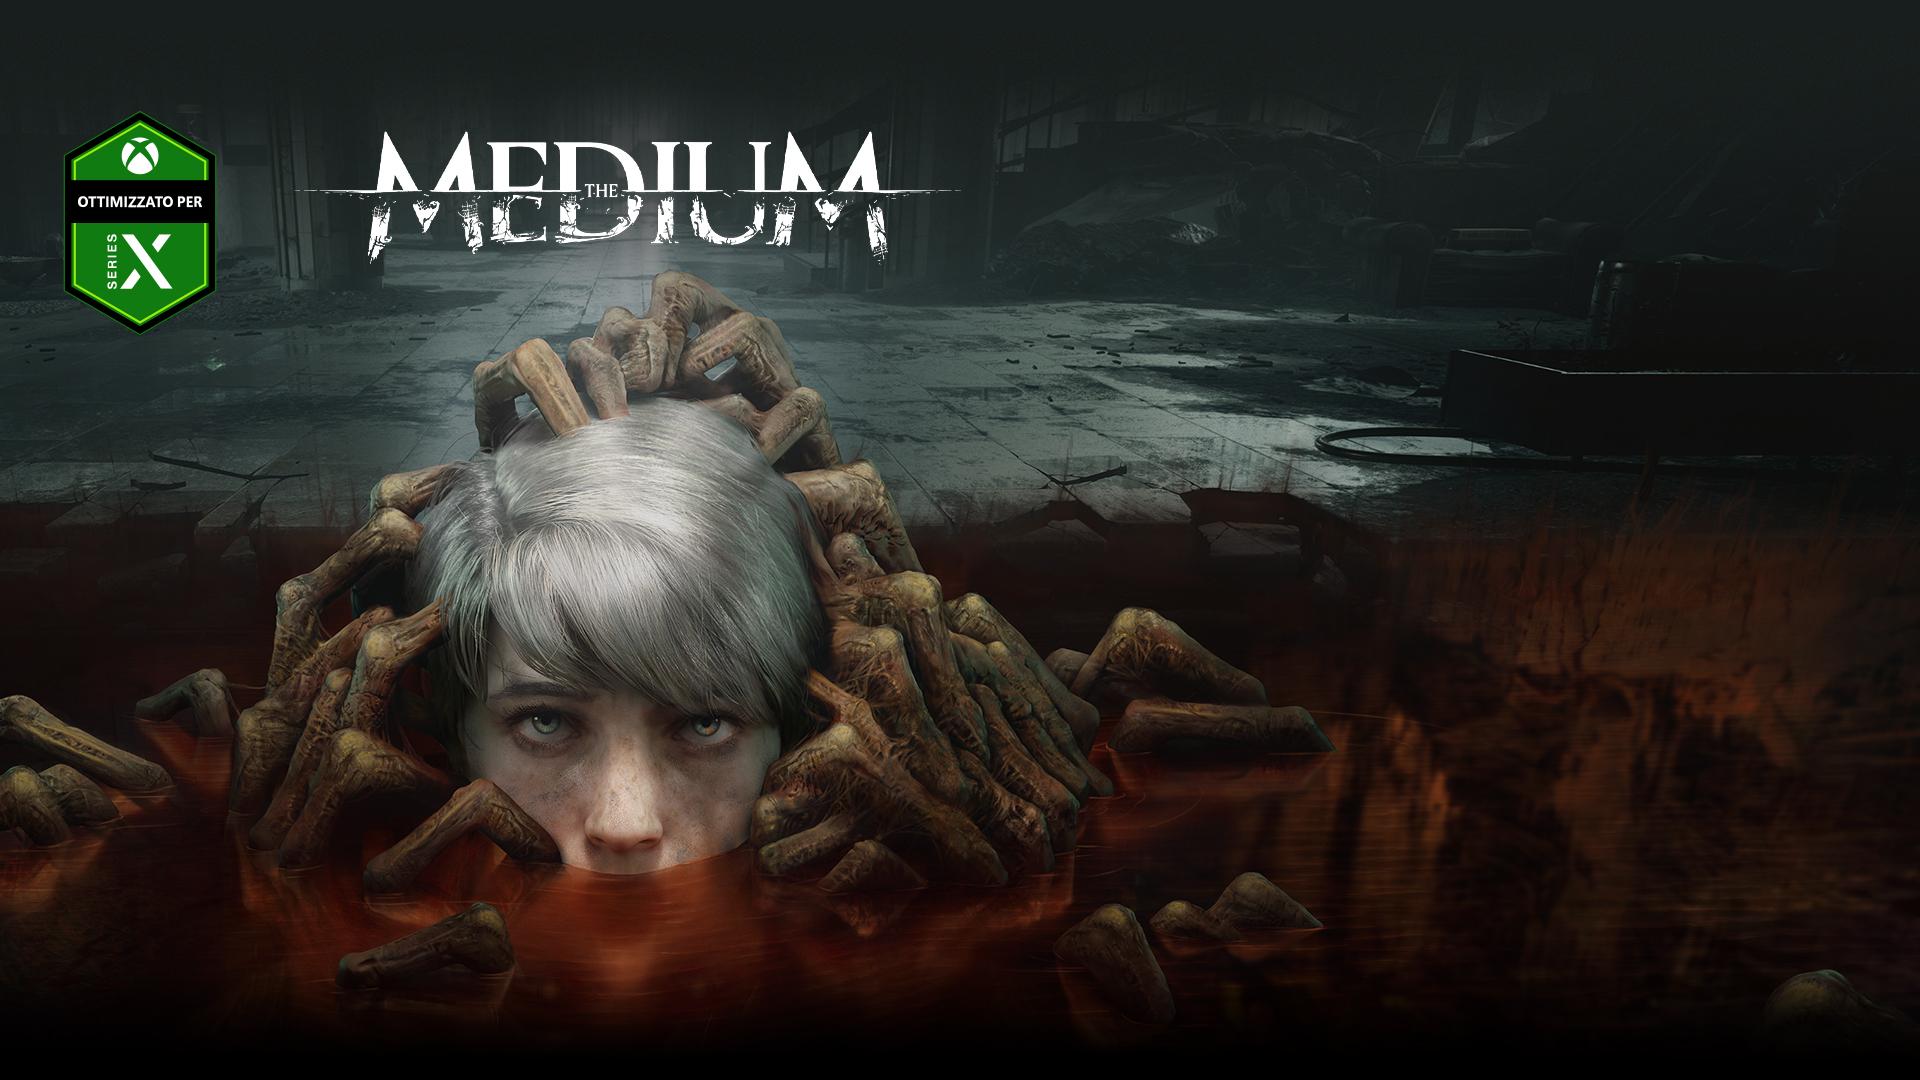 The Medium, ottimizzato per Xbox Series X, la testa di un bambino emerge da una pozza popolata da mani di non morti.